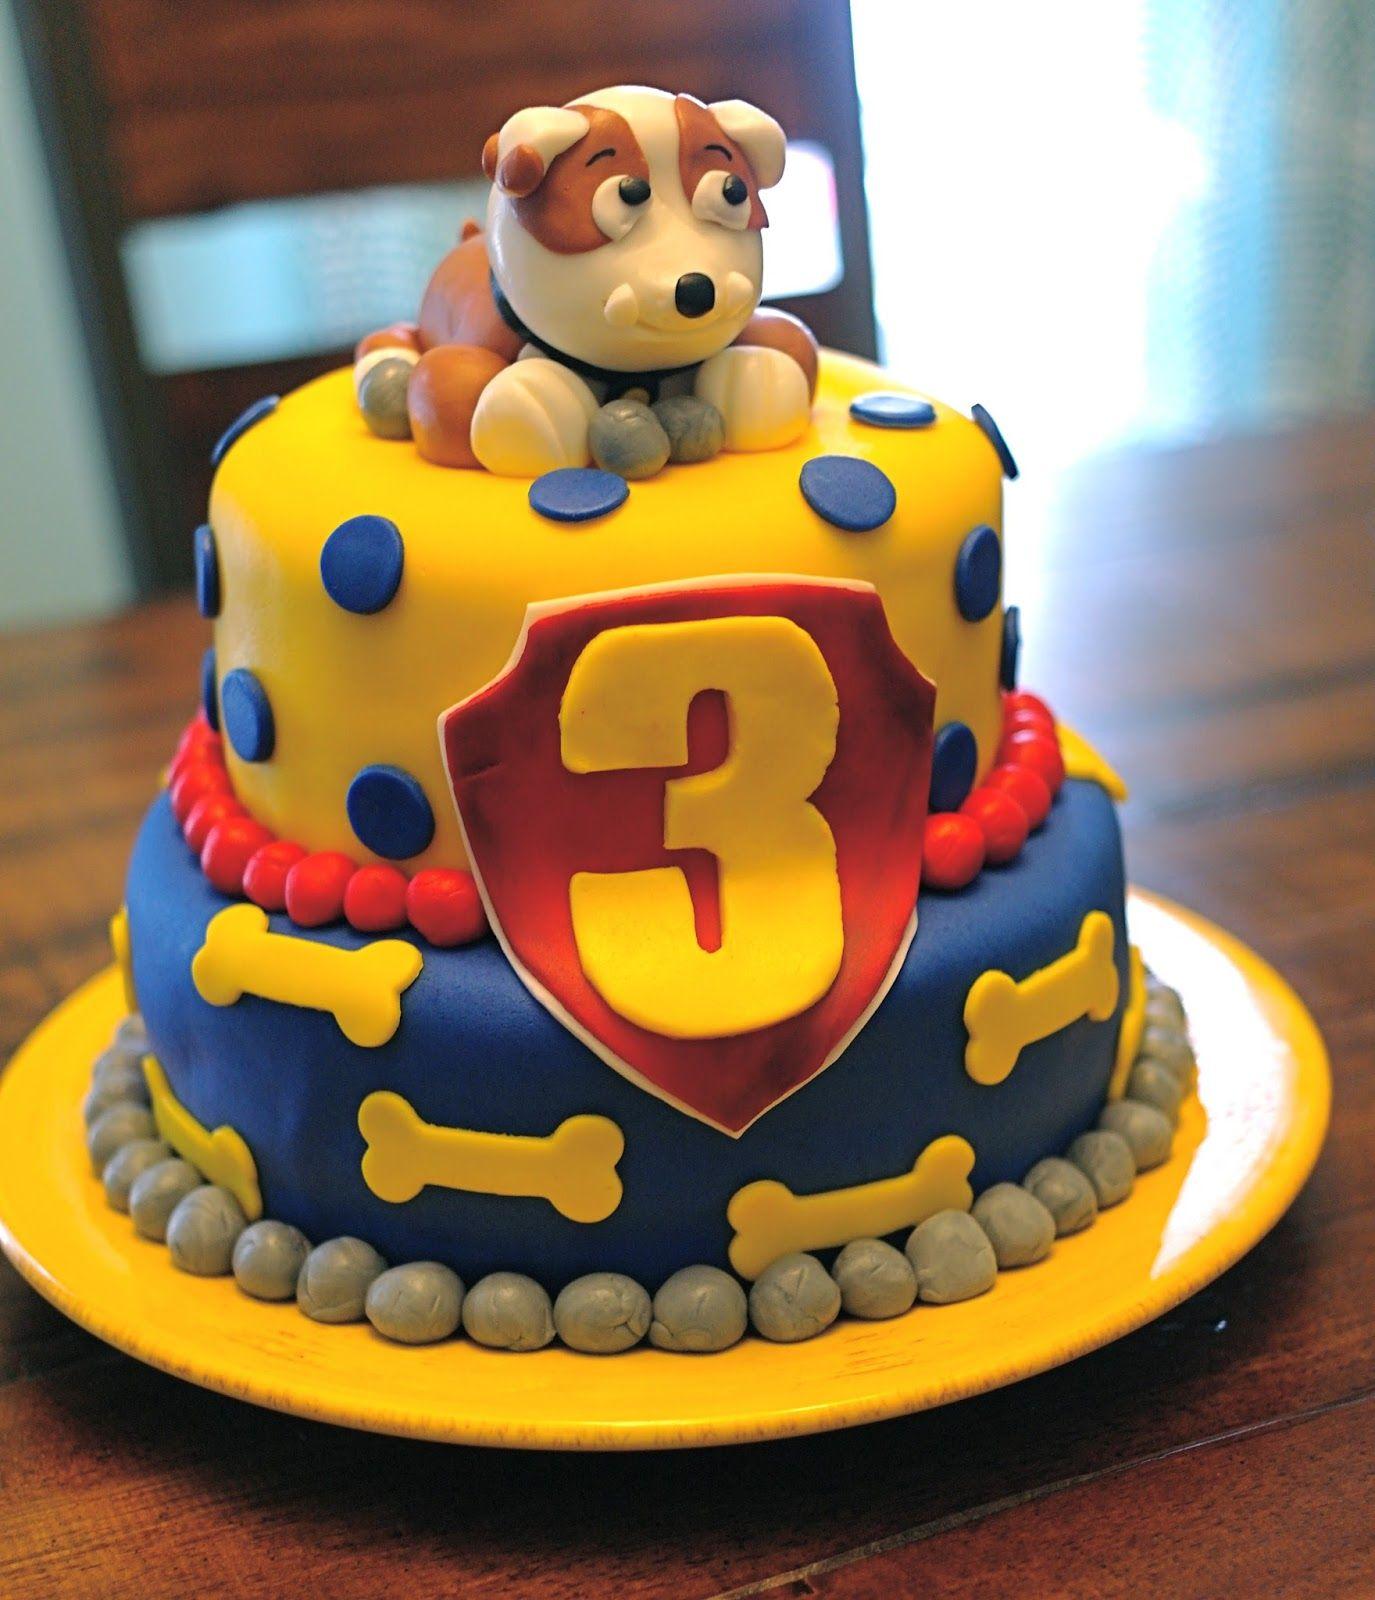 ideias decorao modelos de bolos festa patrulha canina